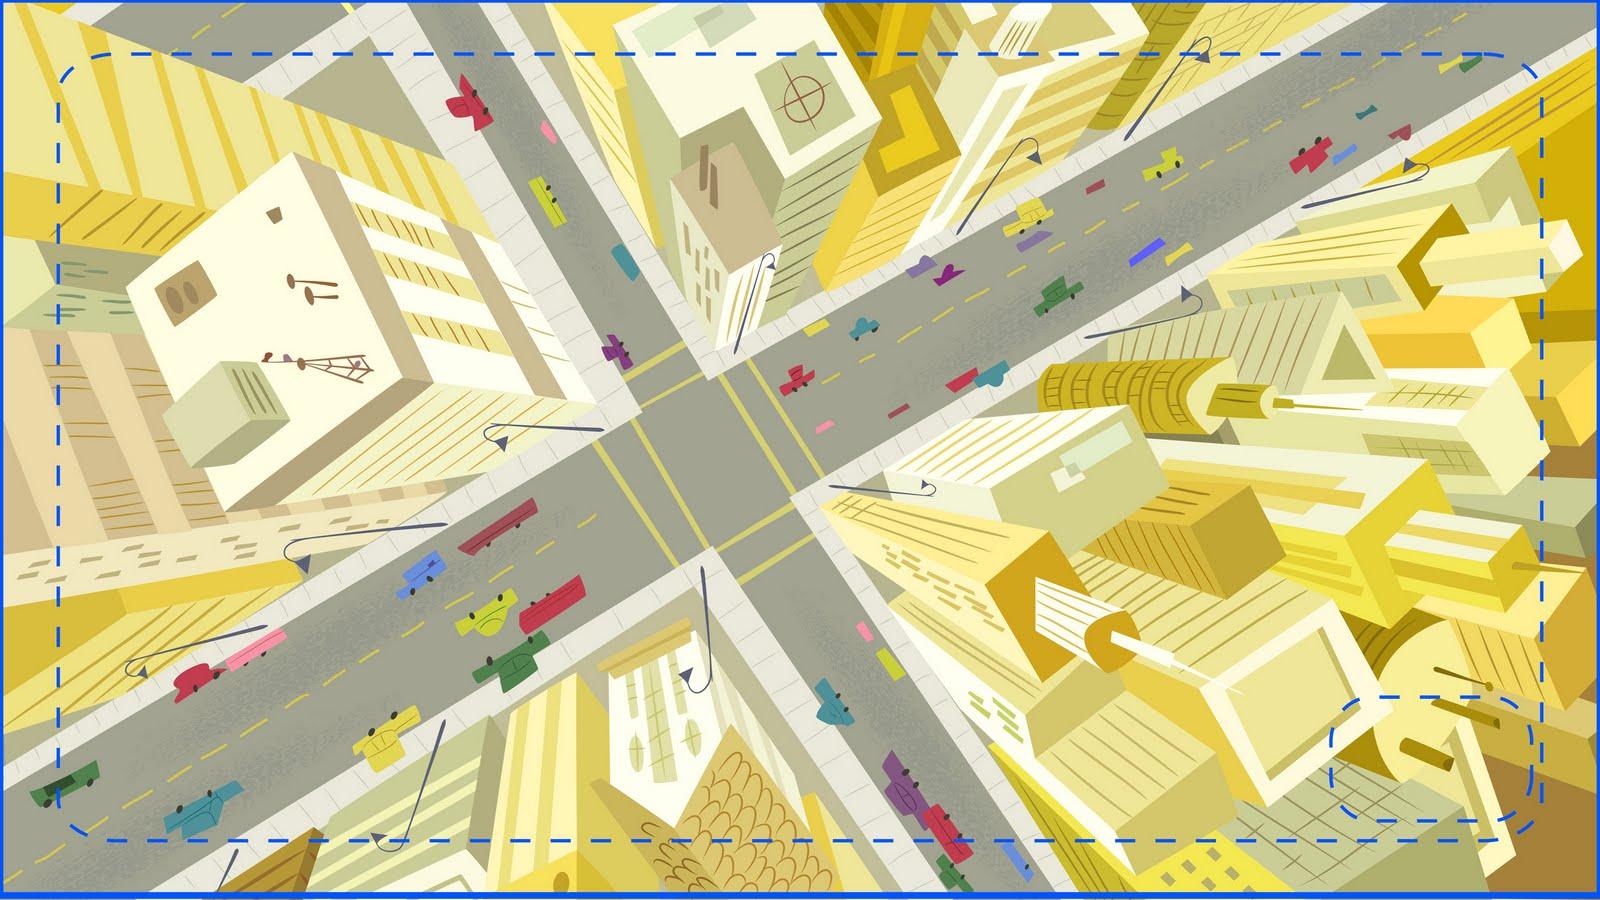 1600x900 Cartoon Design Ideas Bird's Eye View Of Tall Buildings